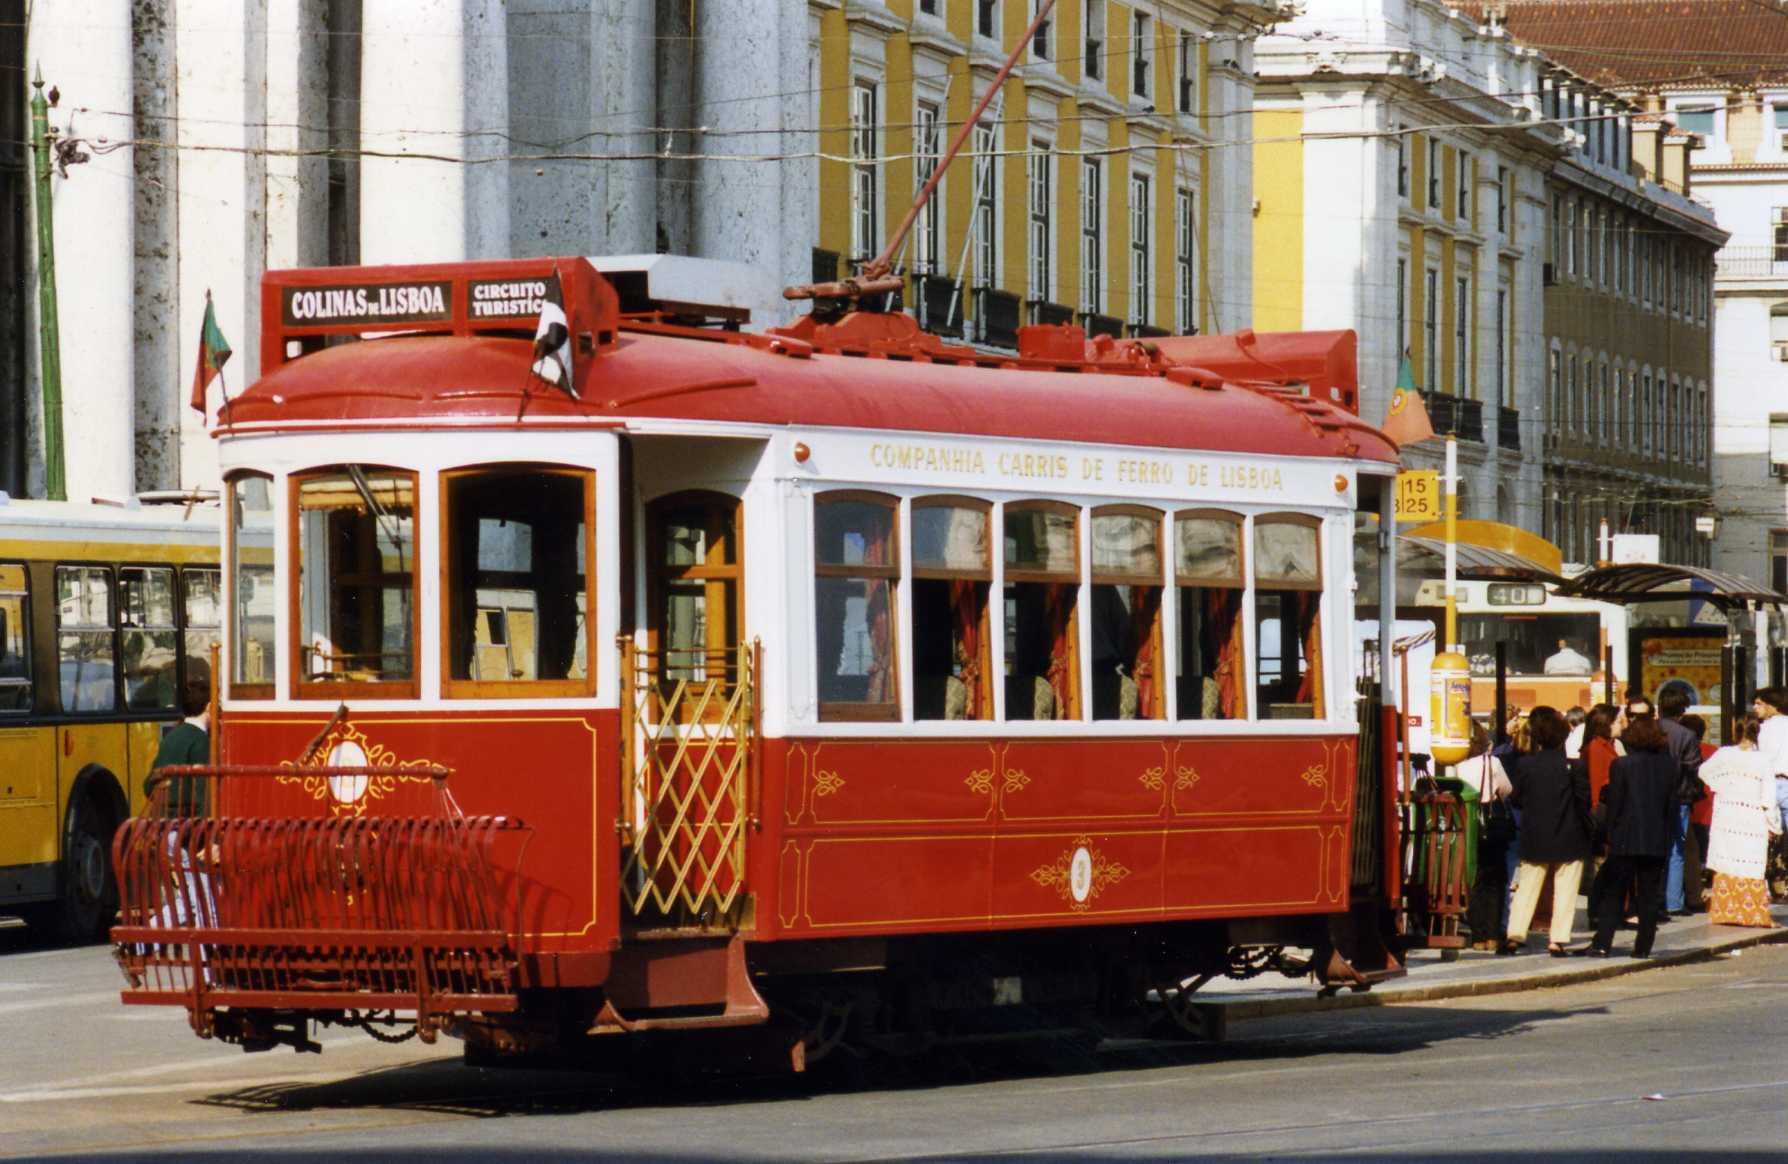 Circuito Turistico : File circuito turistico tram lisboa flickr sludgegulper